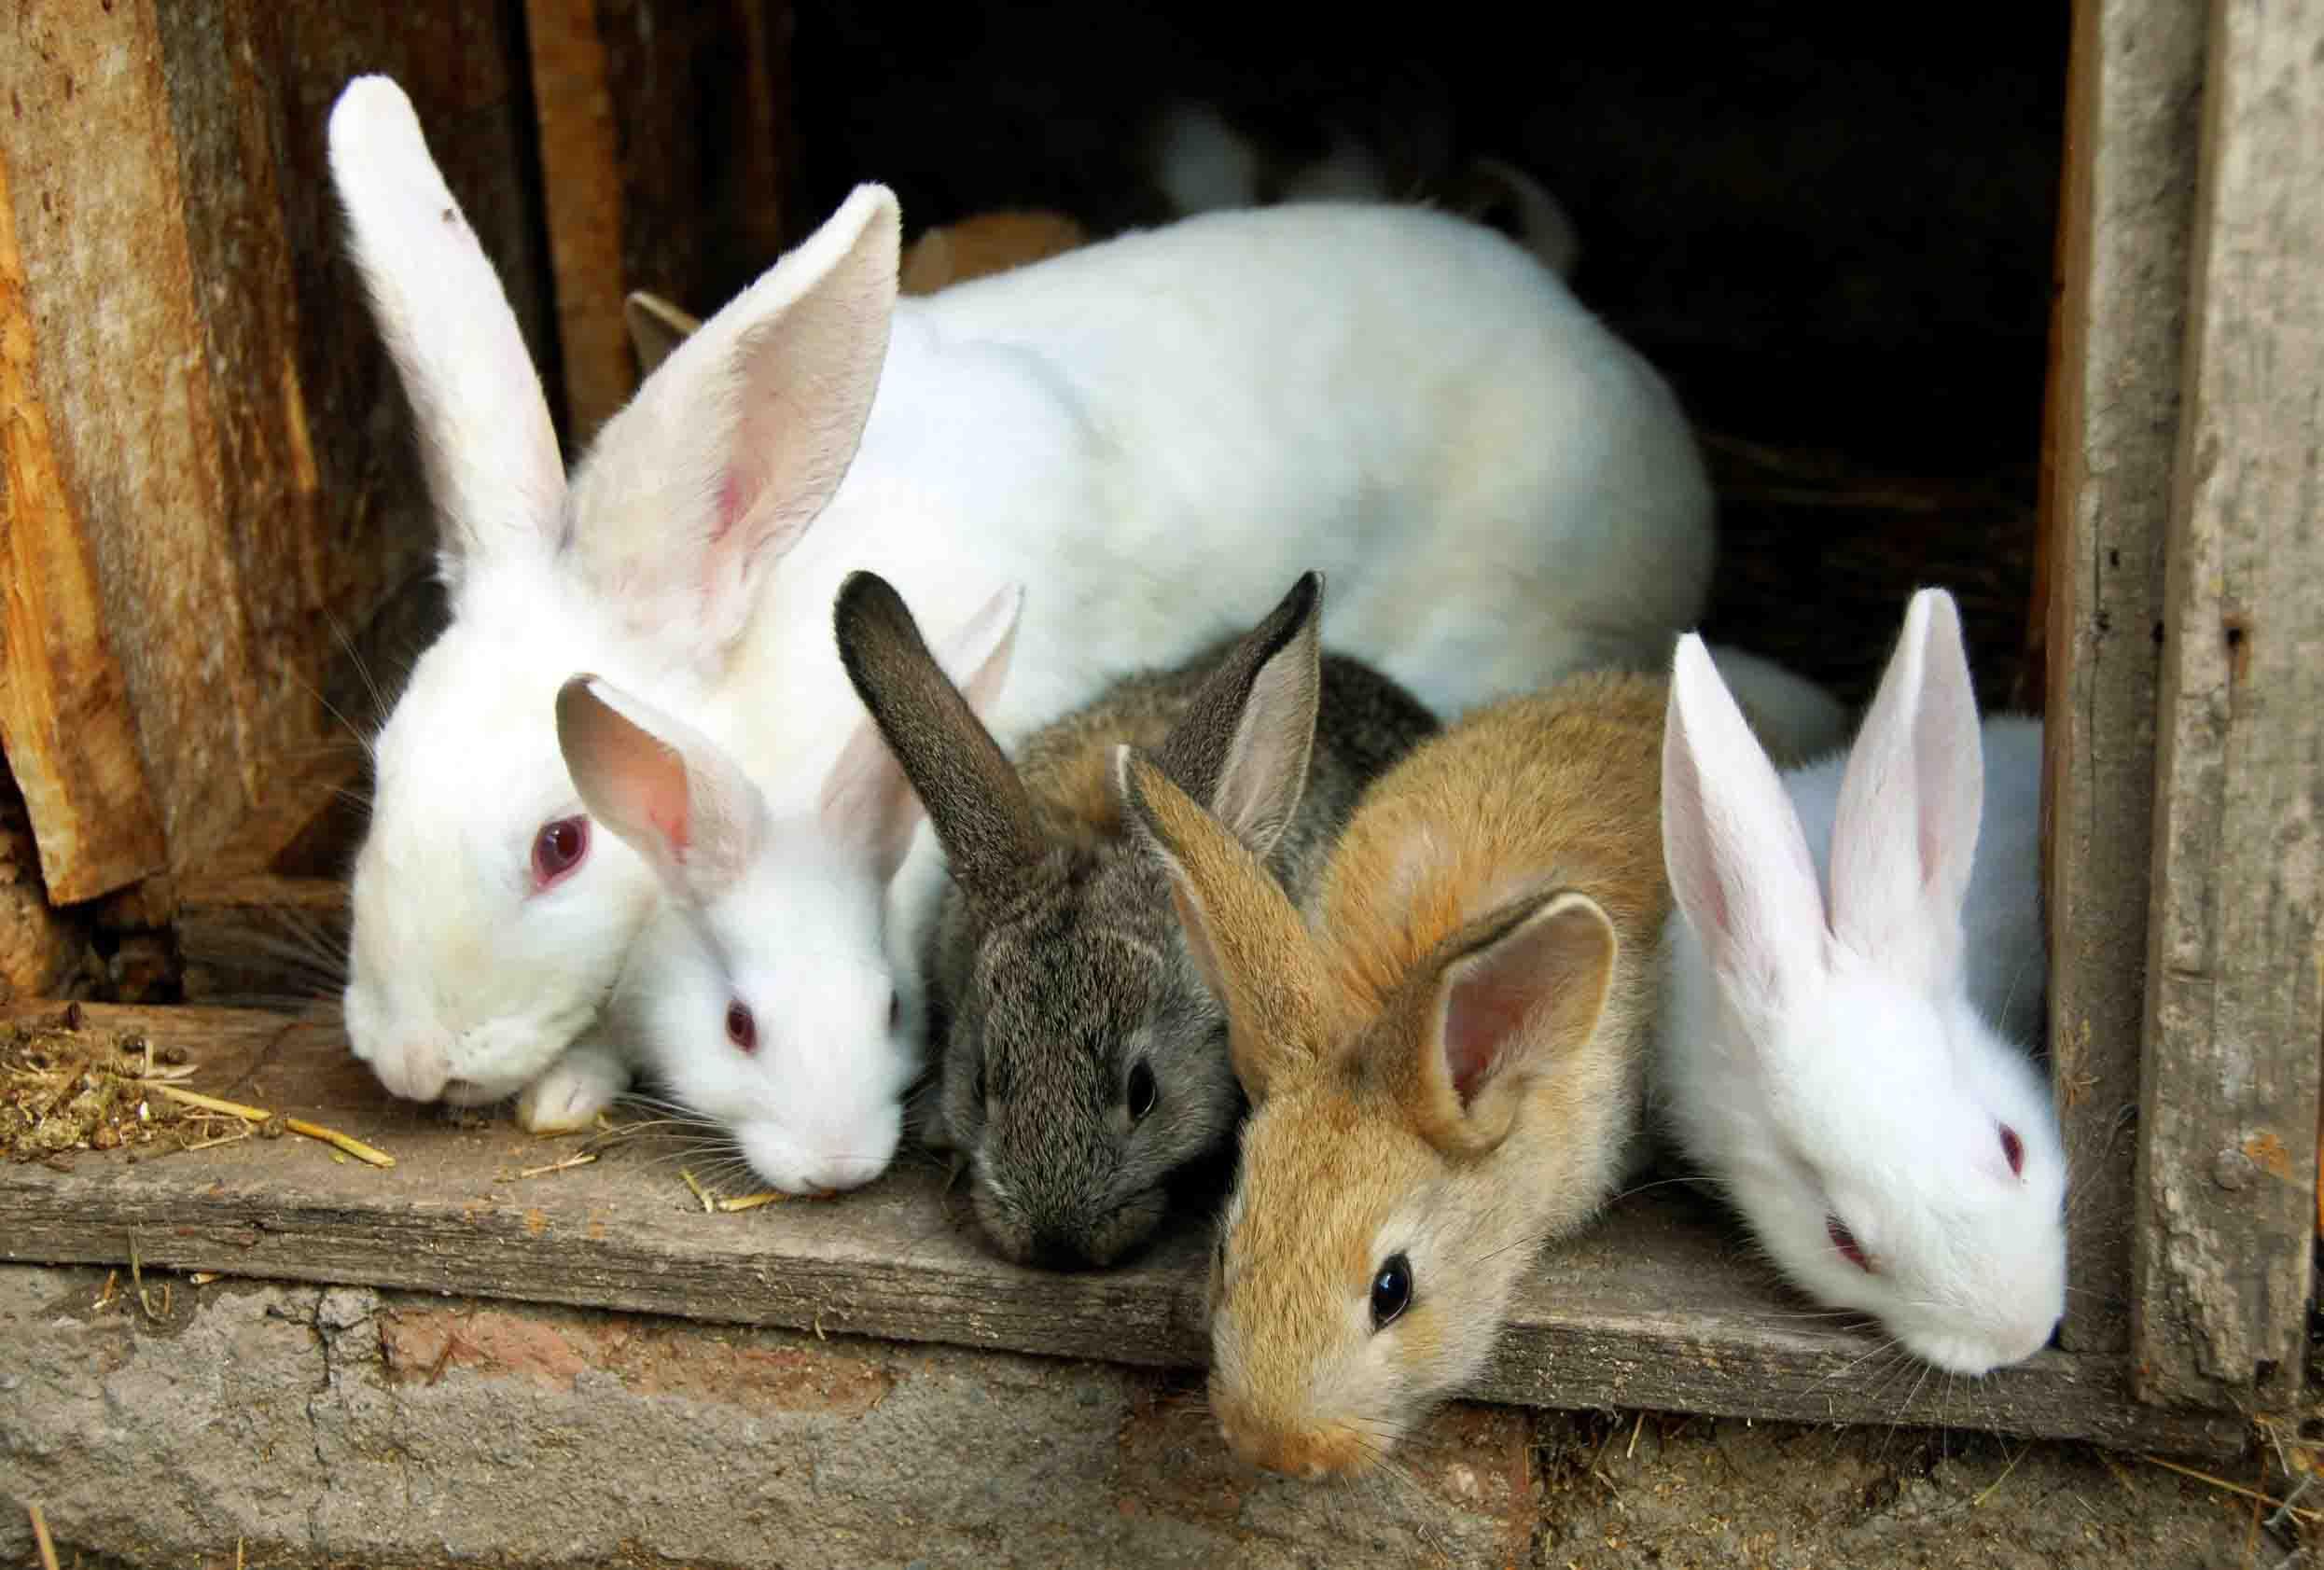 rabbits-sydney-australia